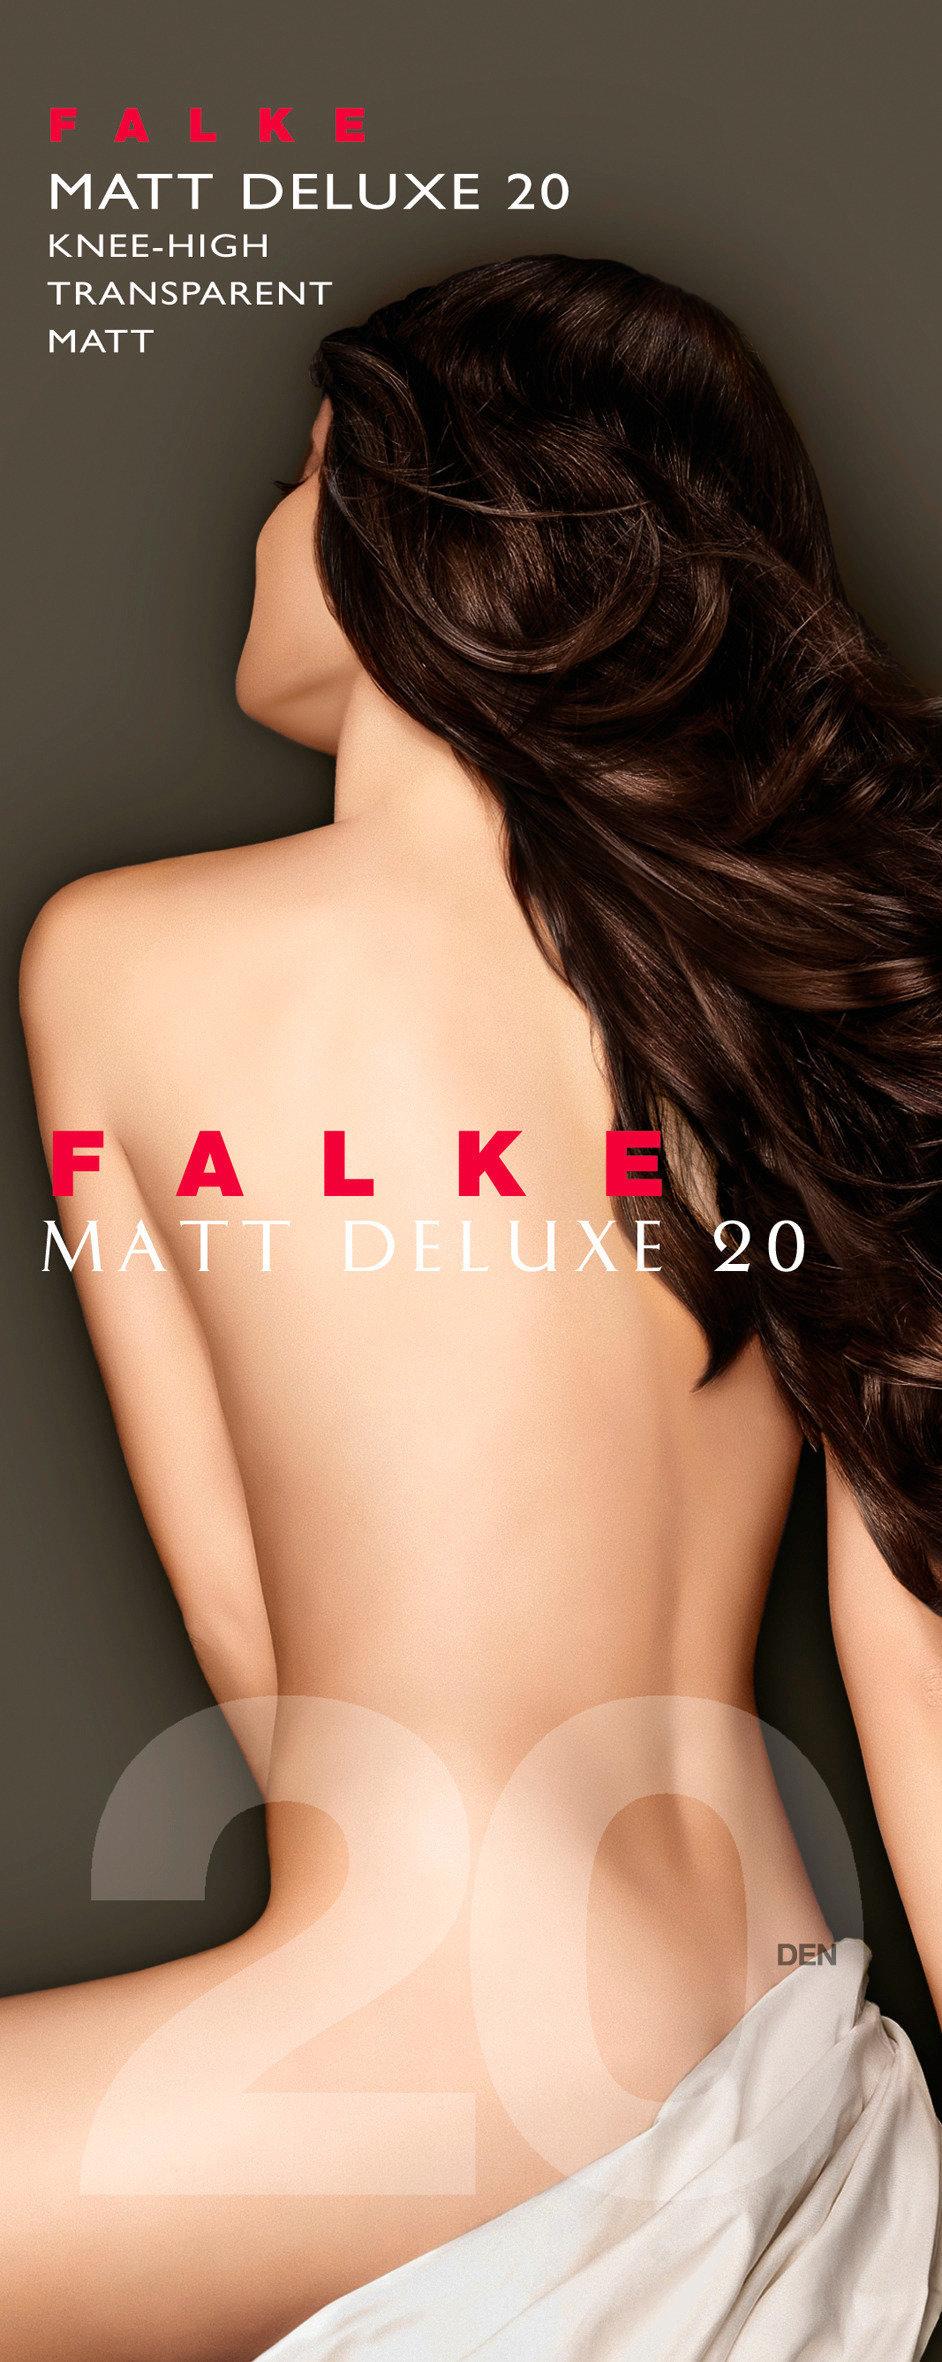 FALKE Matt Deluxe 20 DEN Damen Kniestrümpfe POWDER